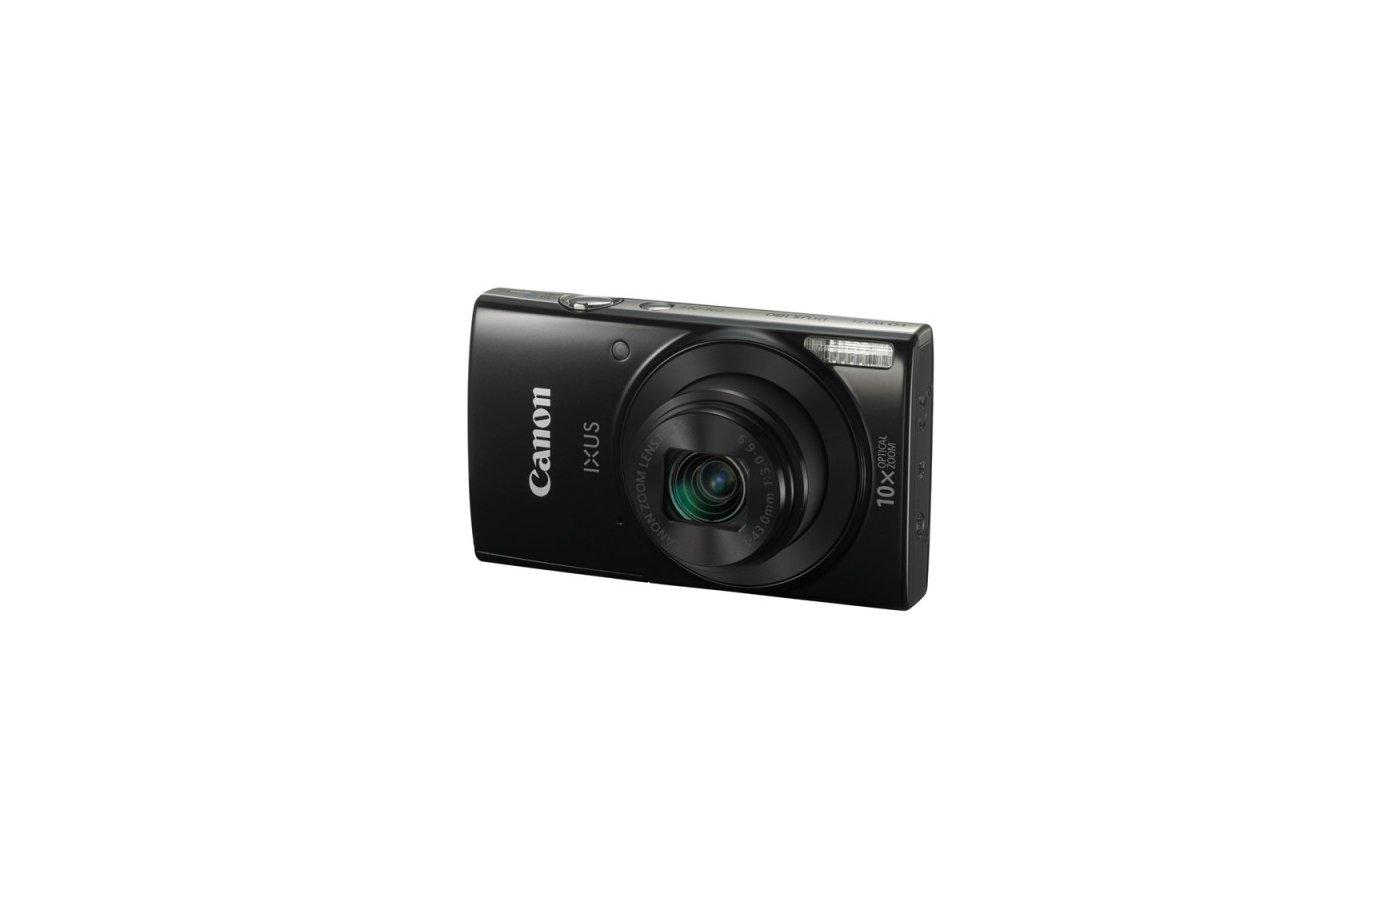 Фотоаппарат компактный CANON IXUS 180 черный